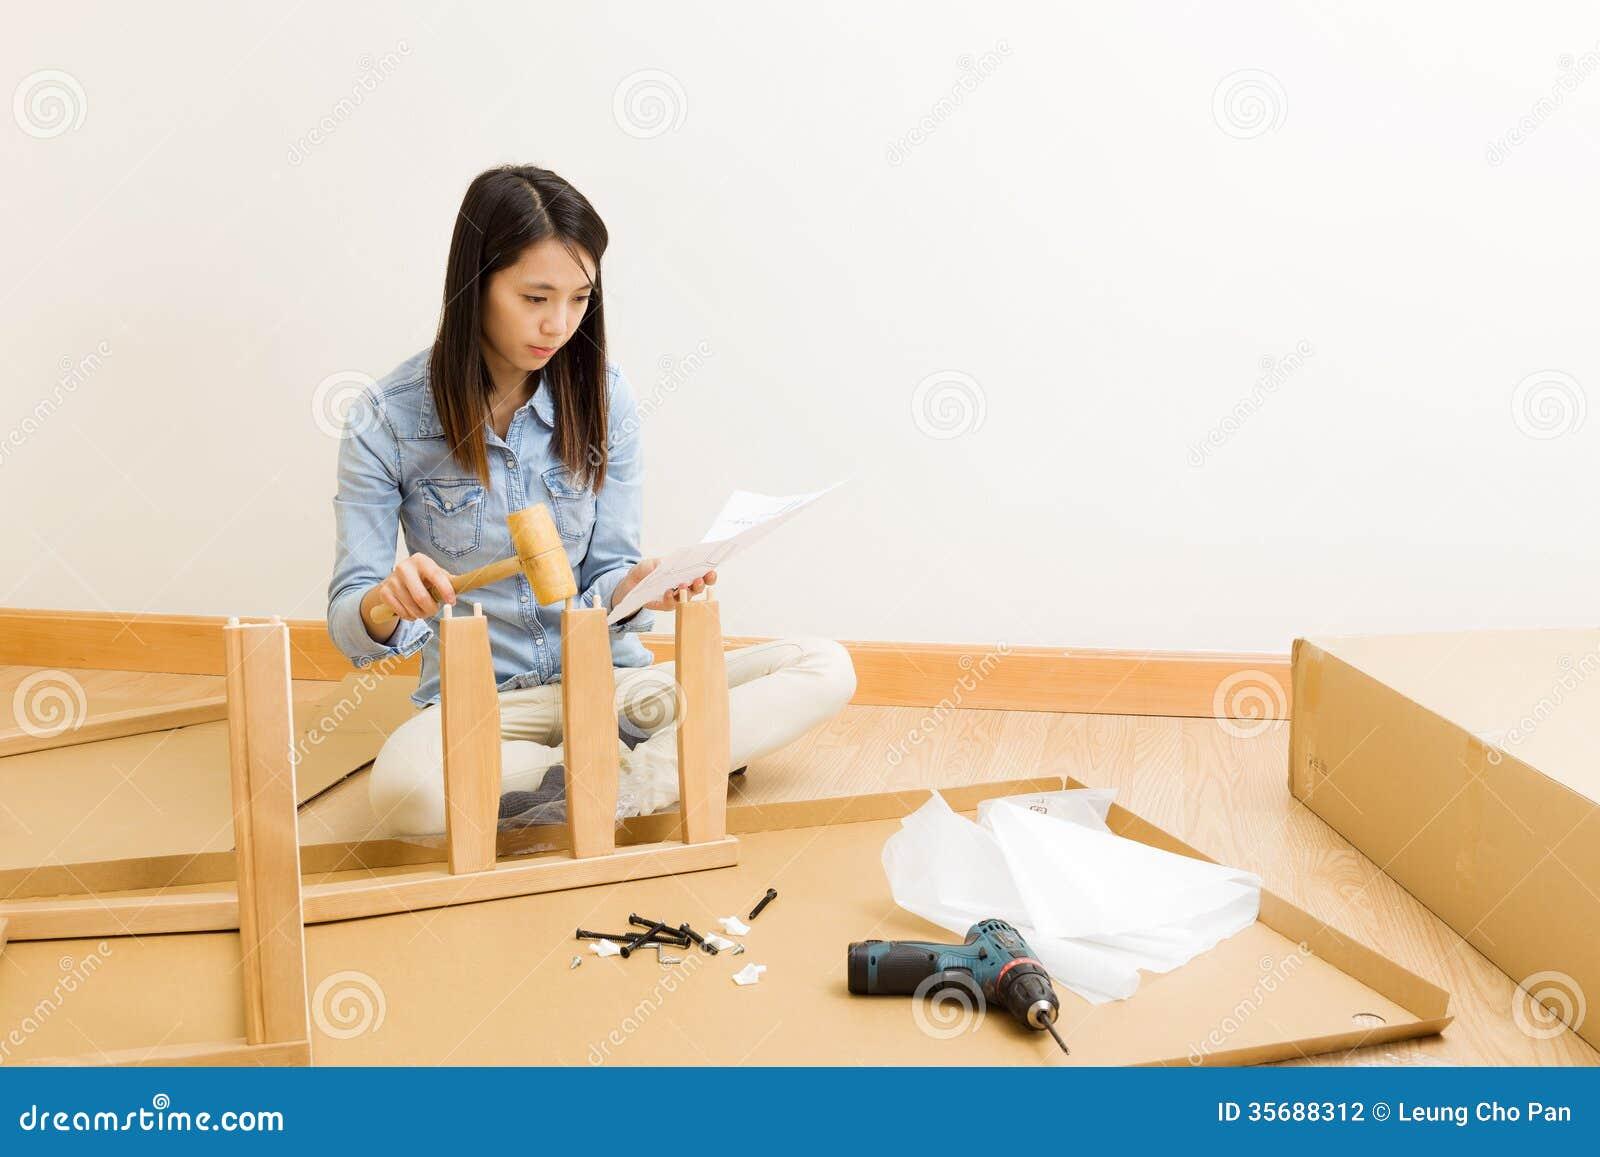 Den asiatiska kvinnan följer anvisning för monterande stol